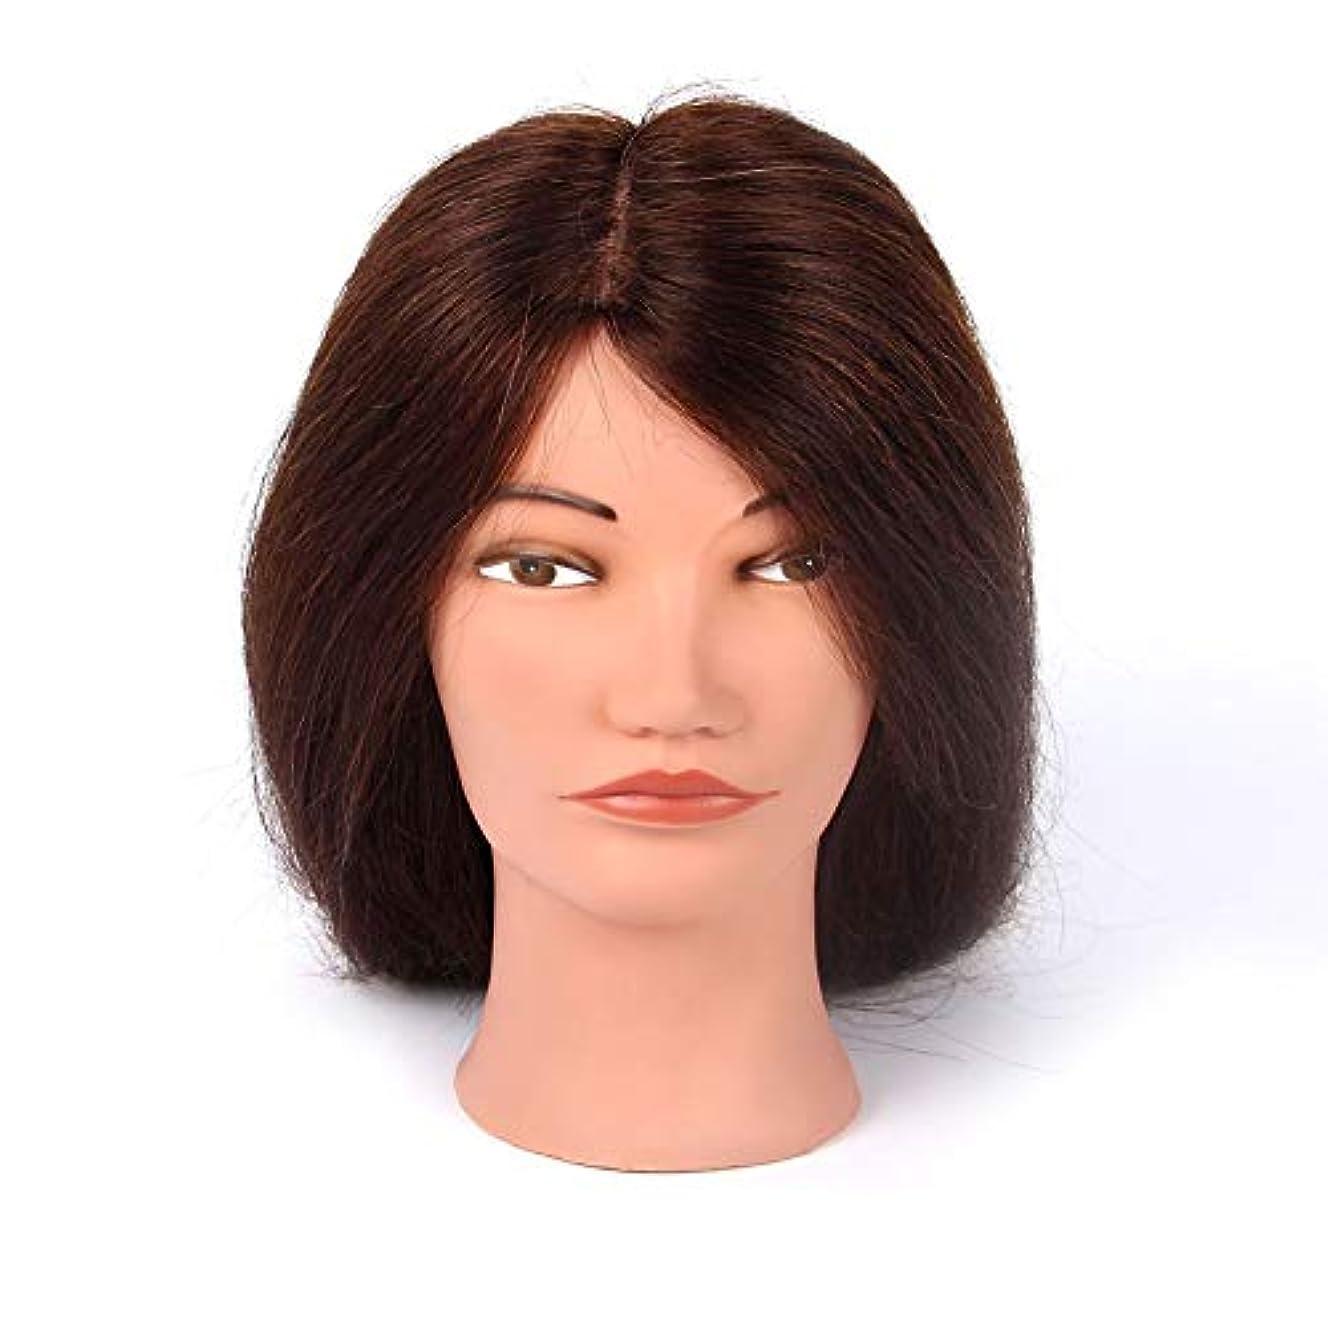 天井シマウマ事実上理髪練習ヘッド吹くホットロールダミーヘッドパーマ髪の染め指導ヘッドメイクアップヘアスタイリングモデルヘッド